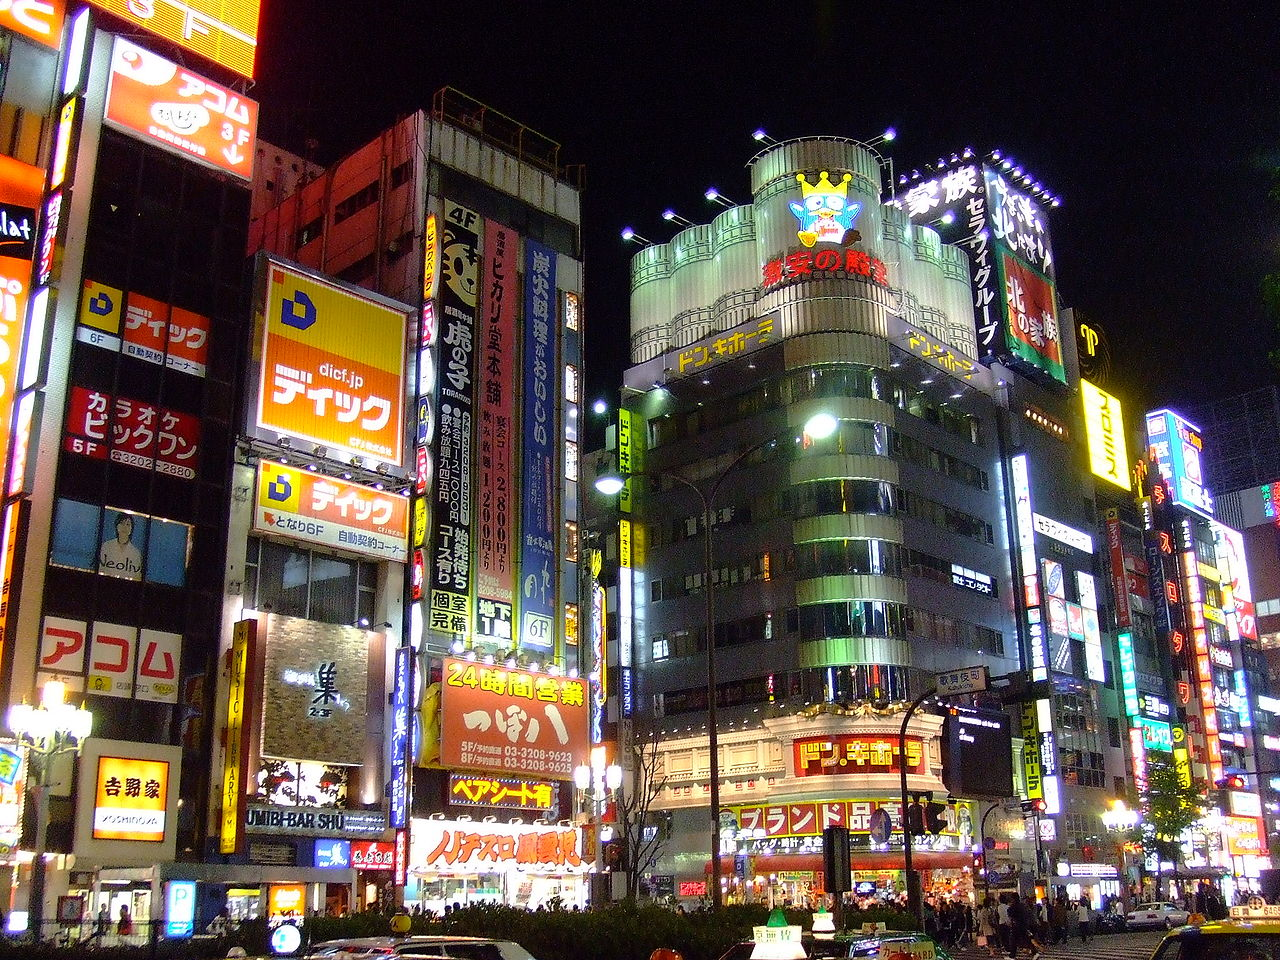 Шоппинг в Японии: что купить в стране уникального?